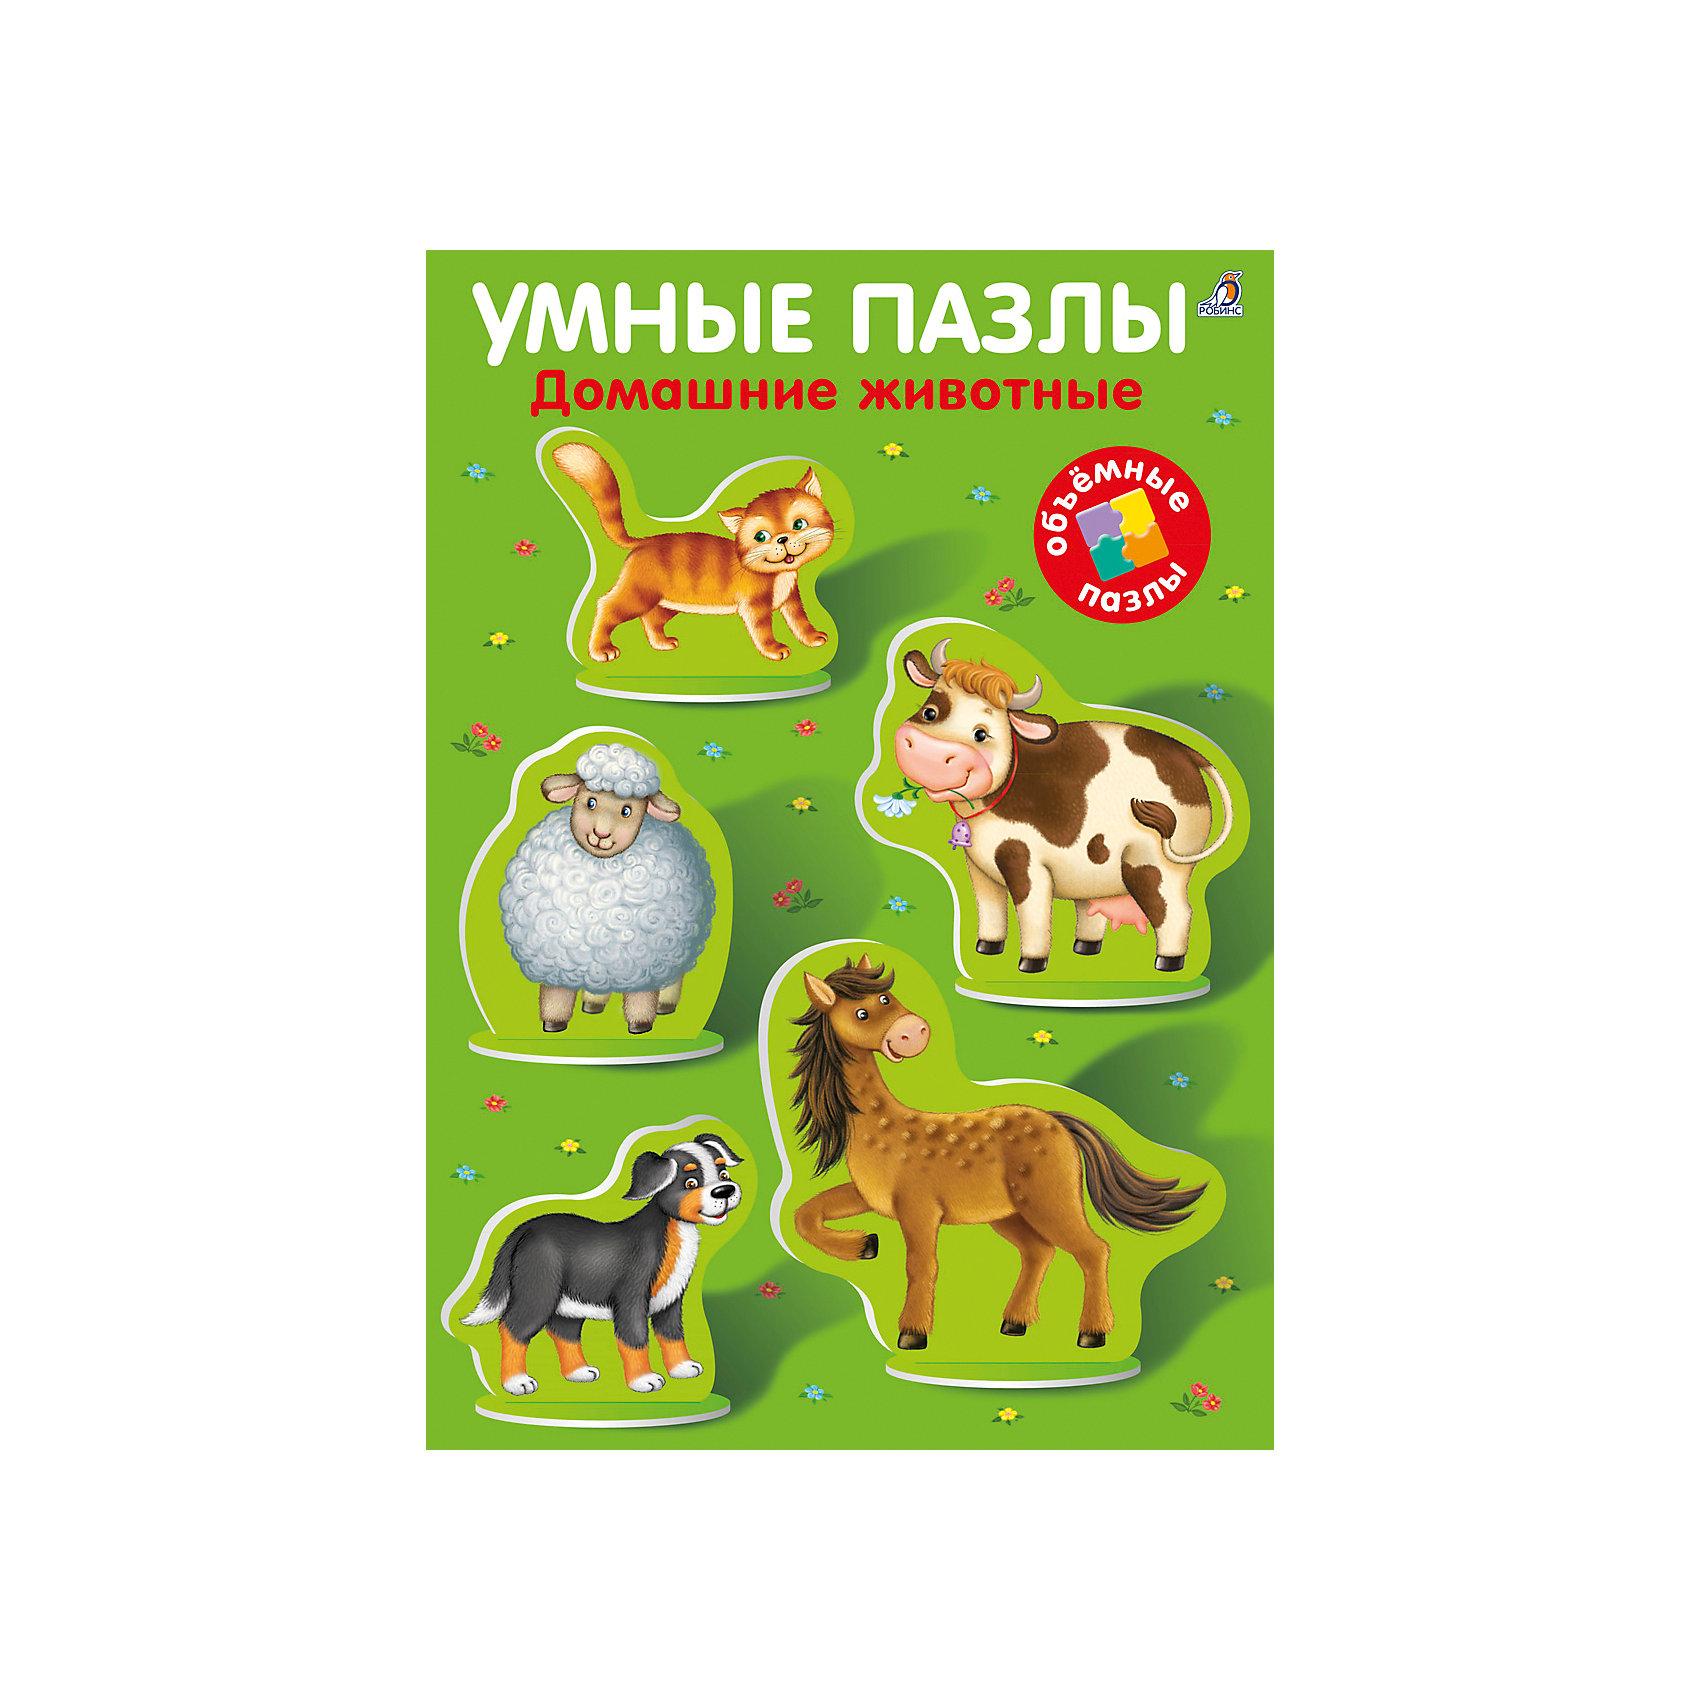 Книга Умные пазлы. Домашние животныеЭто многофункциональная обучающая и развивающая книга-игра для малышей, с помощью которой ваш ребёнок познакомится с домашними животными и увеличит свой словарный запас. Игра способствует развитию речи, внимания, мышления, мелкой моторики и воображения.<br><br>Что можно делать с помощью пособия:<br>Выньте пазлы с изображениями животных и поставьте их в пазлы-подставки. Под изображениями животных находятся тексты с описаниями: прочитайте их малышу, обязательно озвучьте «речь» каждого животного («Мяу-мяу!», «Му-у-у!», «Бе-е-е!», «Гав-гав!», «И-го-го!»). <br>Подставки также можно вынуть из пособия и установить с их помощью фигурки животных на любой рабочей поверхности.<br>Под пазлами-подставками находятся картинки-ассоциации с животными. Попросите ребёнка расставить фигурки животных: каждого на своё место. <br>На внутренней сторонке обложки находятся картинки с изображениями домашних животных и птиц. Назовите и покажите их вместе с малышом. Найдите среди картинок животных-детёнышей (котёнка, щенка, жеребёнка, ягнёнка и телёнка) и поставьте животных-родителей рядом с ними. Найдите, какие ещё животные и птицы на картинках образуют пары мама-малыш.<br><br>Набор предназначен для индивидуальных домашних и групповых занятий в детских дошкольных учреждениях.<br><br>Ширина мм: 300<br>Глубина мм: 210<br>Высота мм: 200<br>Вес г: 379<br>Возраст от месяцев: 36<br>Возраст до месяцев: 2147483647<br>Пол: Унисекс<br>Возраст: Детский<br>SKU: 5507286